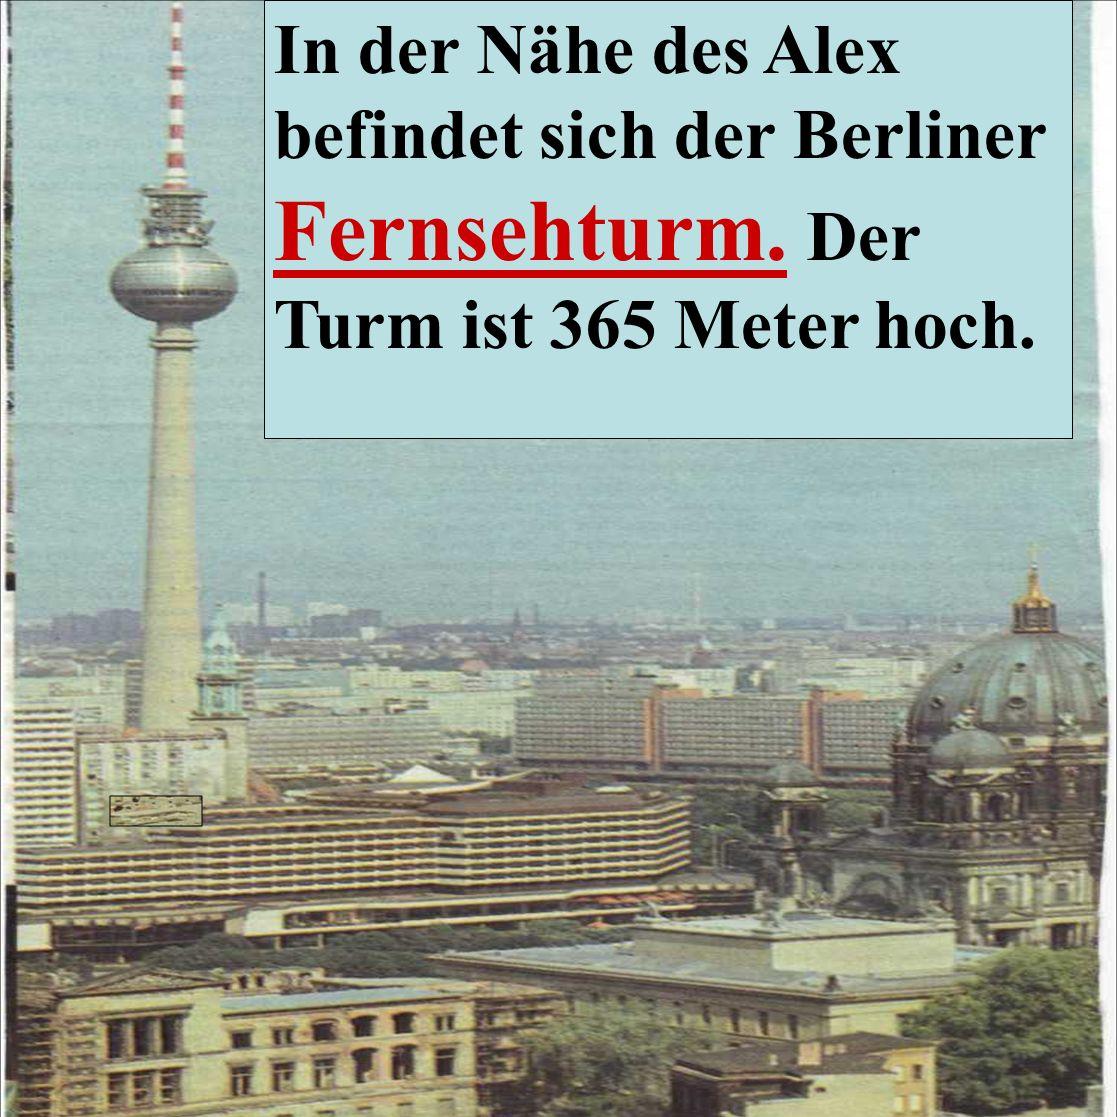 In der Nähe des Alex befindet sich der Berliner Fernsehturm